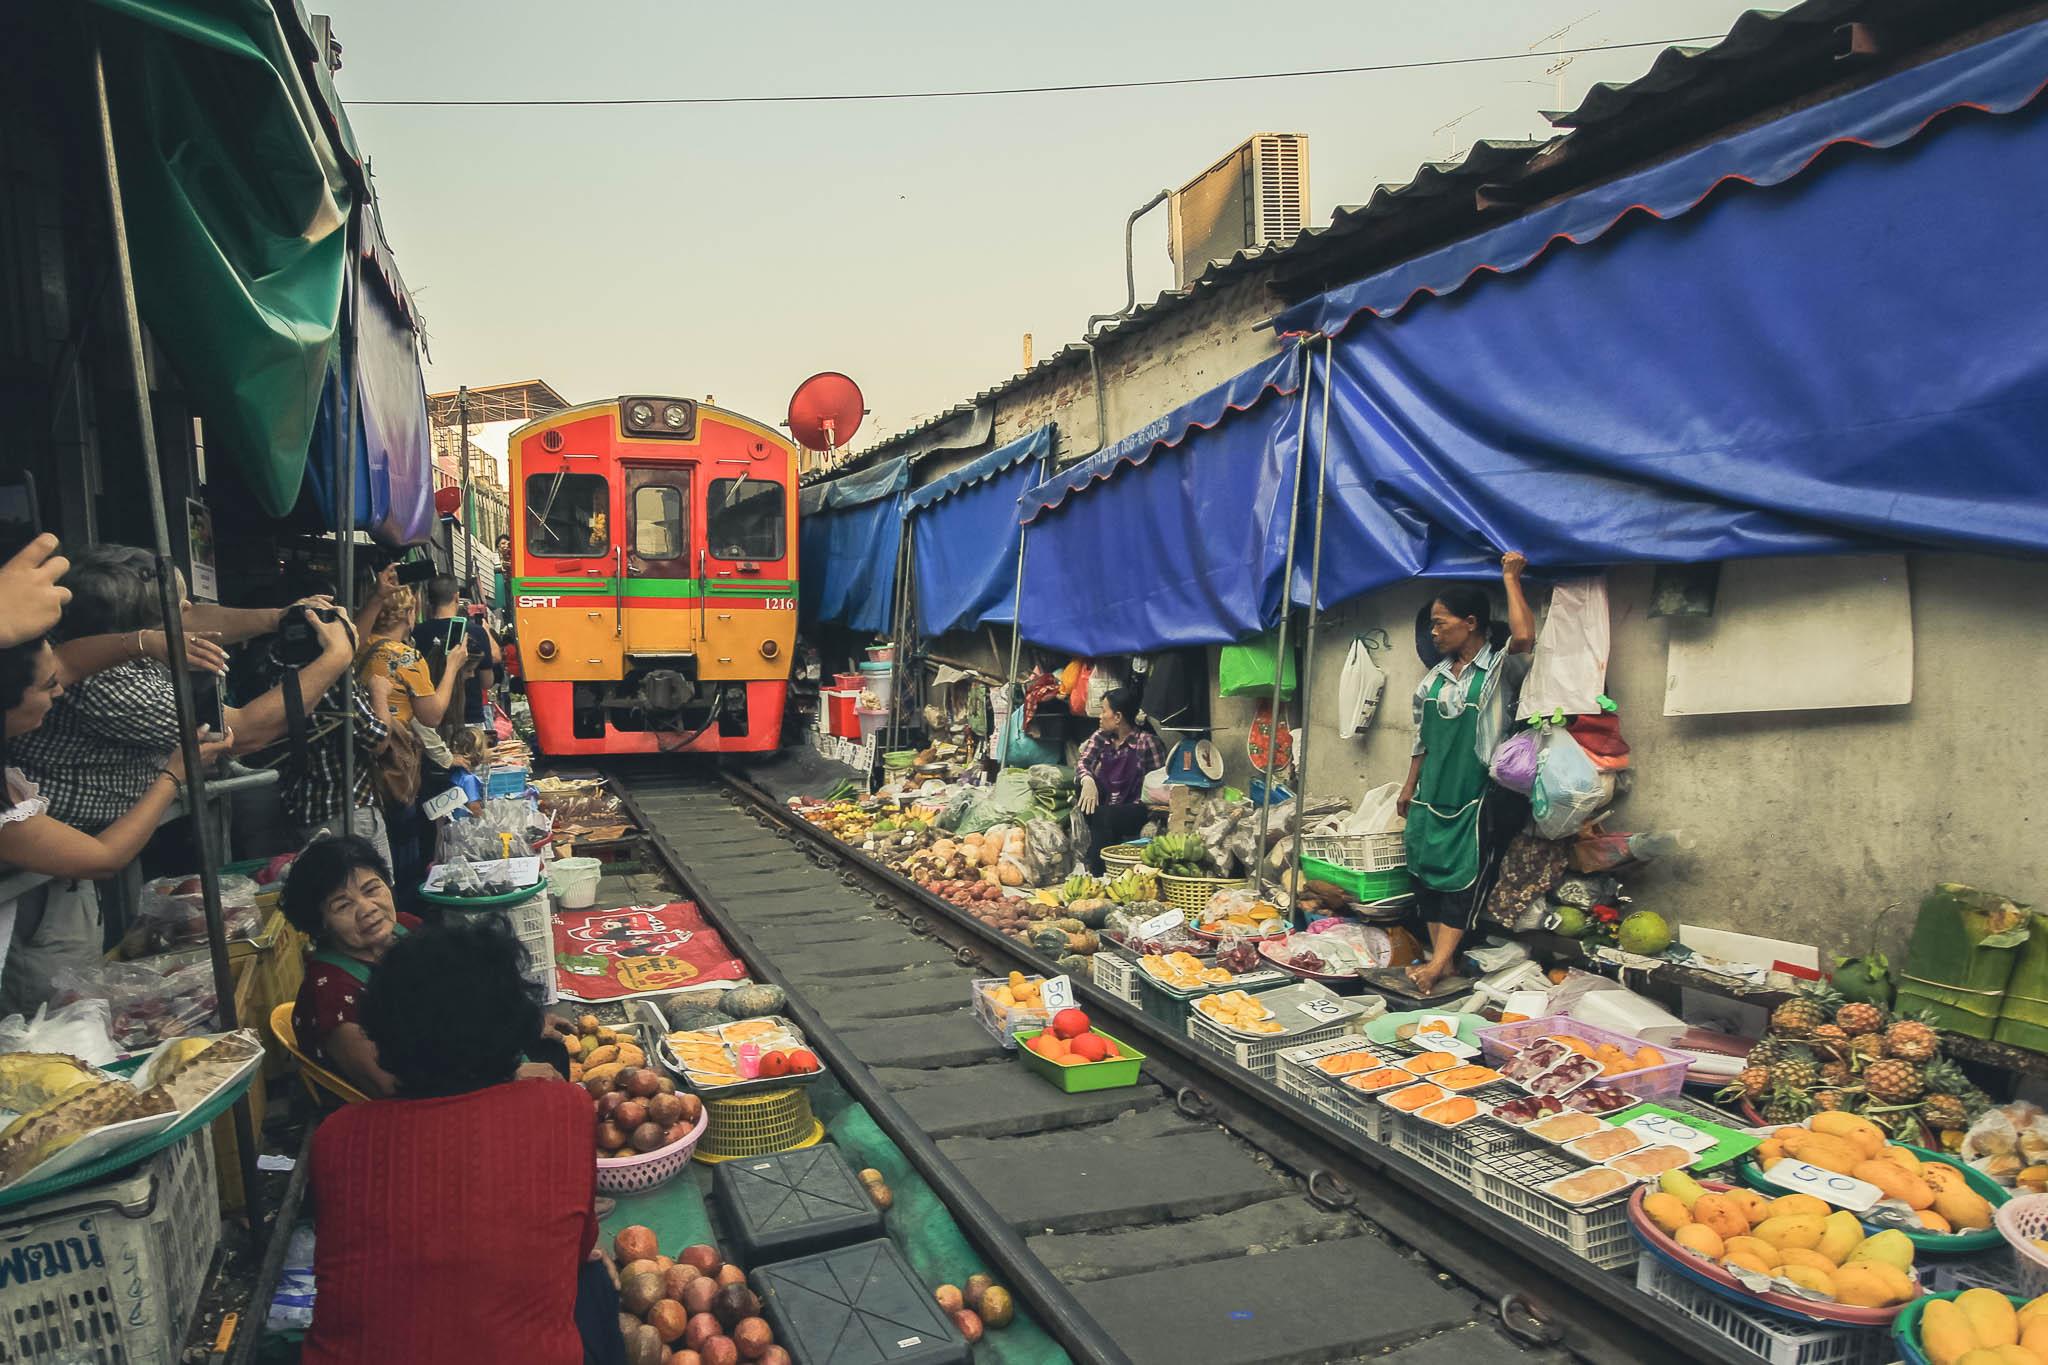 O-melhor-de-Bangkok-roteiro-de-3-dias-nao-e-caro-viajar-tailandia-